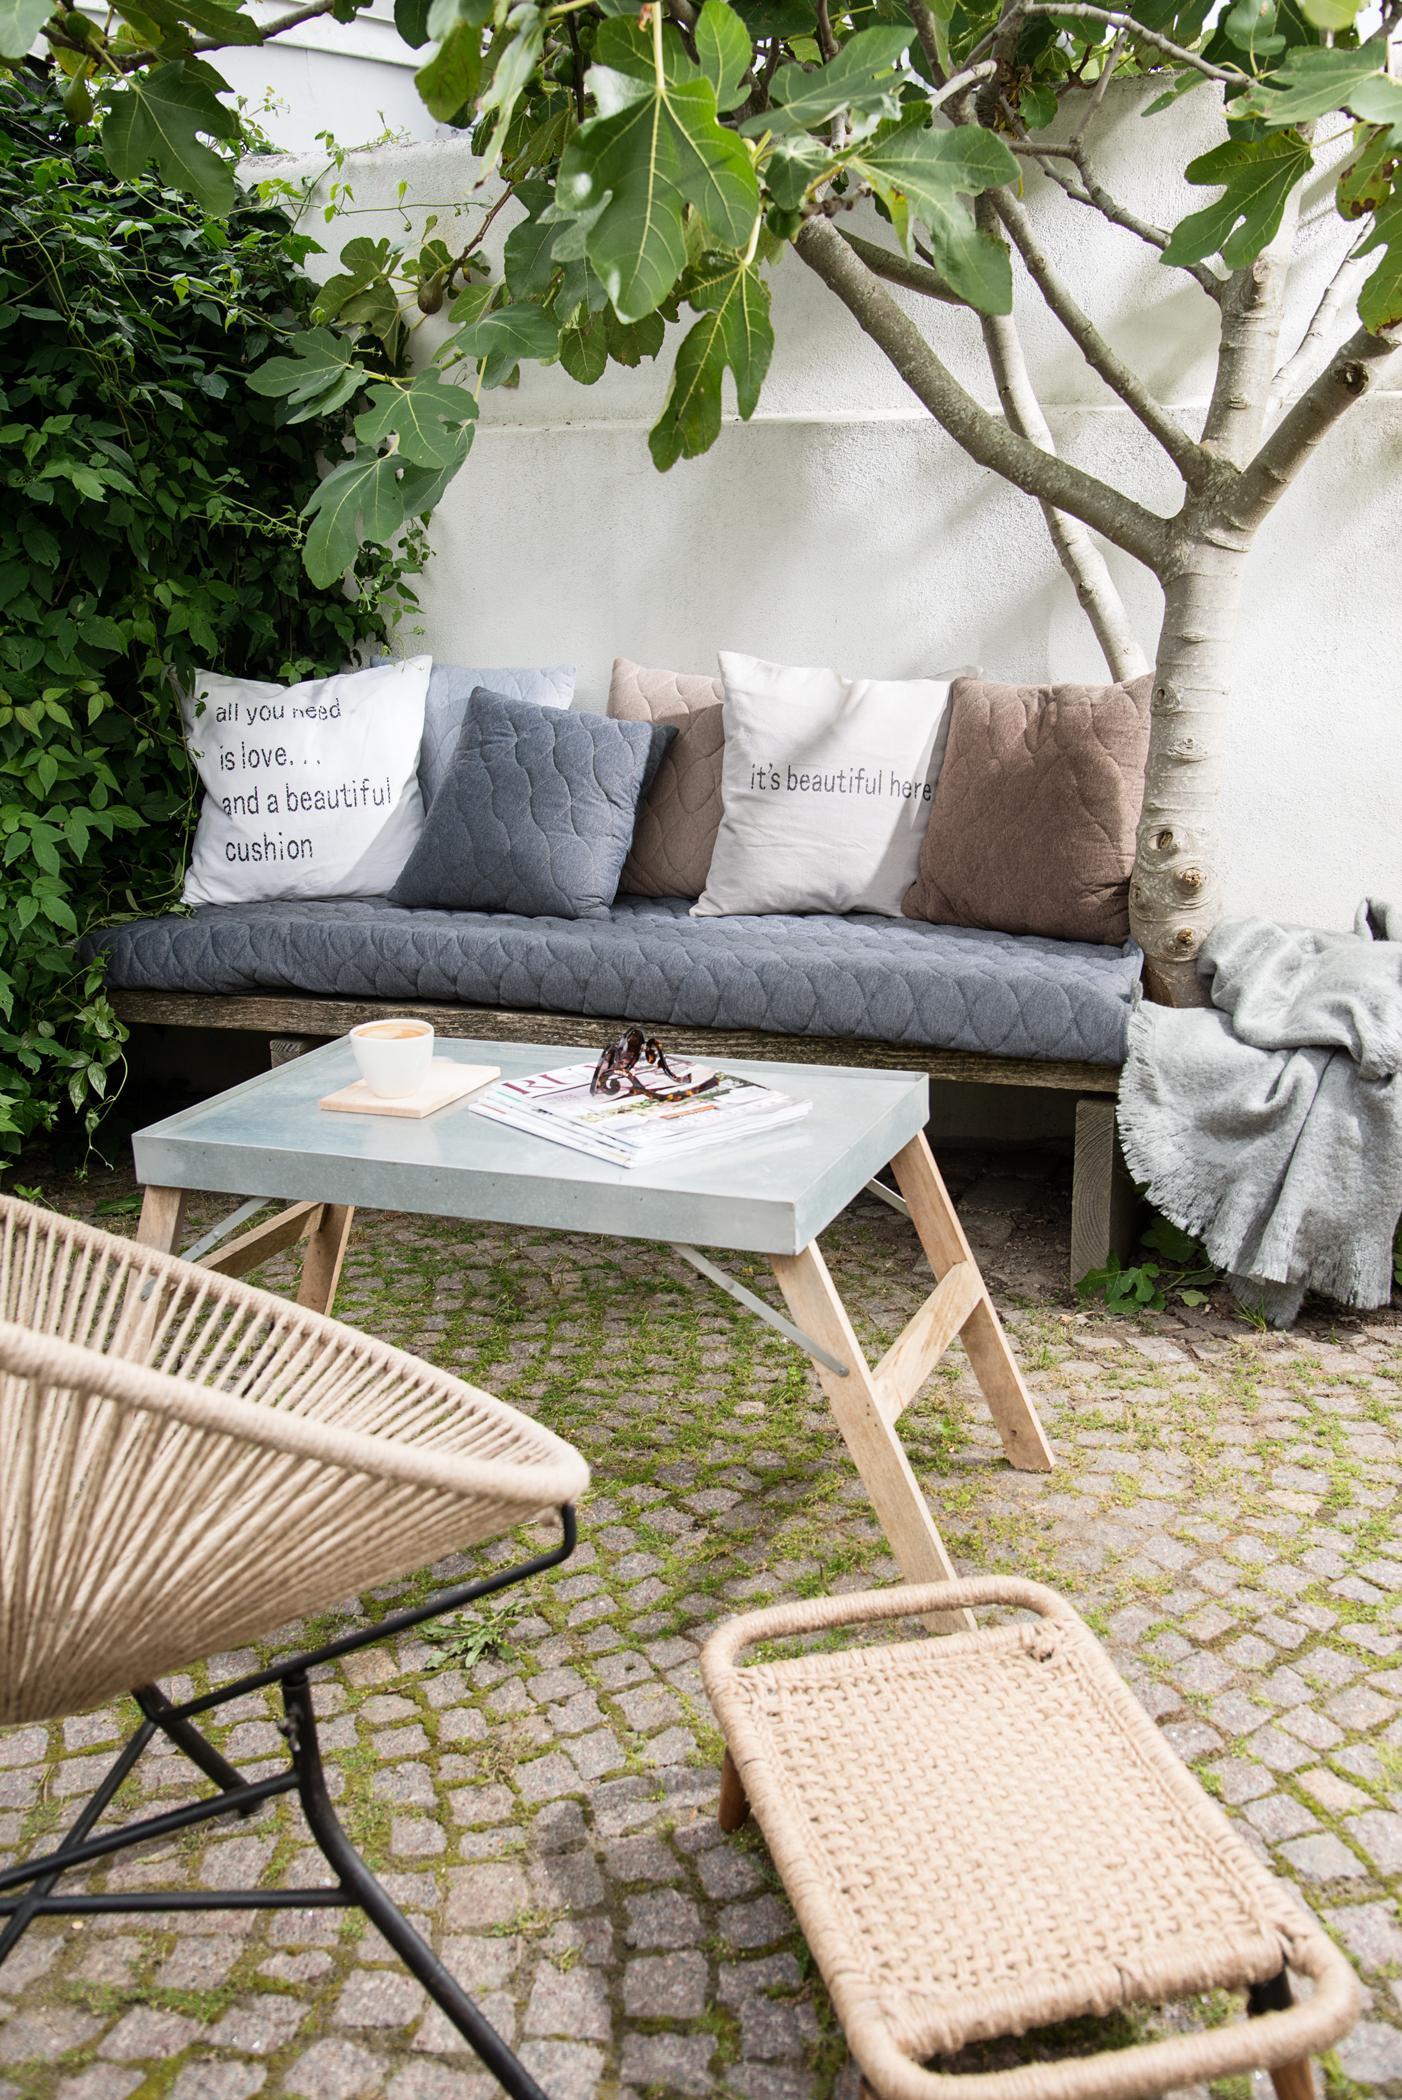 gepolsterte sitzbank • bilder & ideen • couchstyle, Hause deko